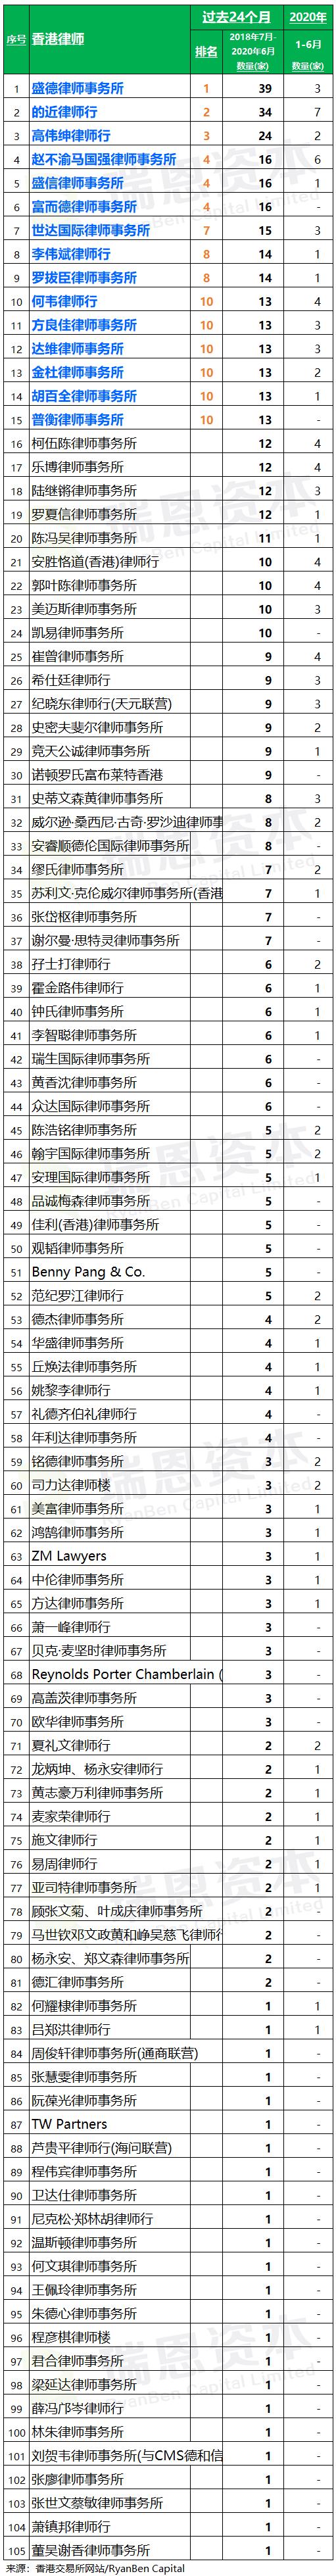 香港 IPO中介机构排行榜 (过去24个月:2018年7月-2020年6月)